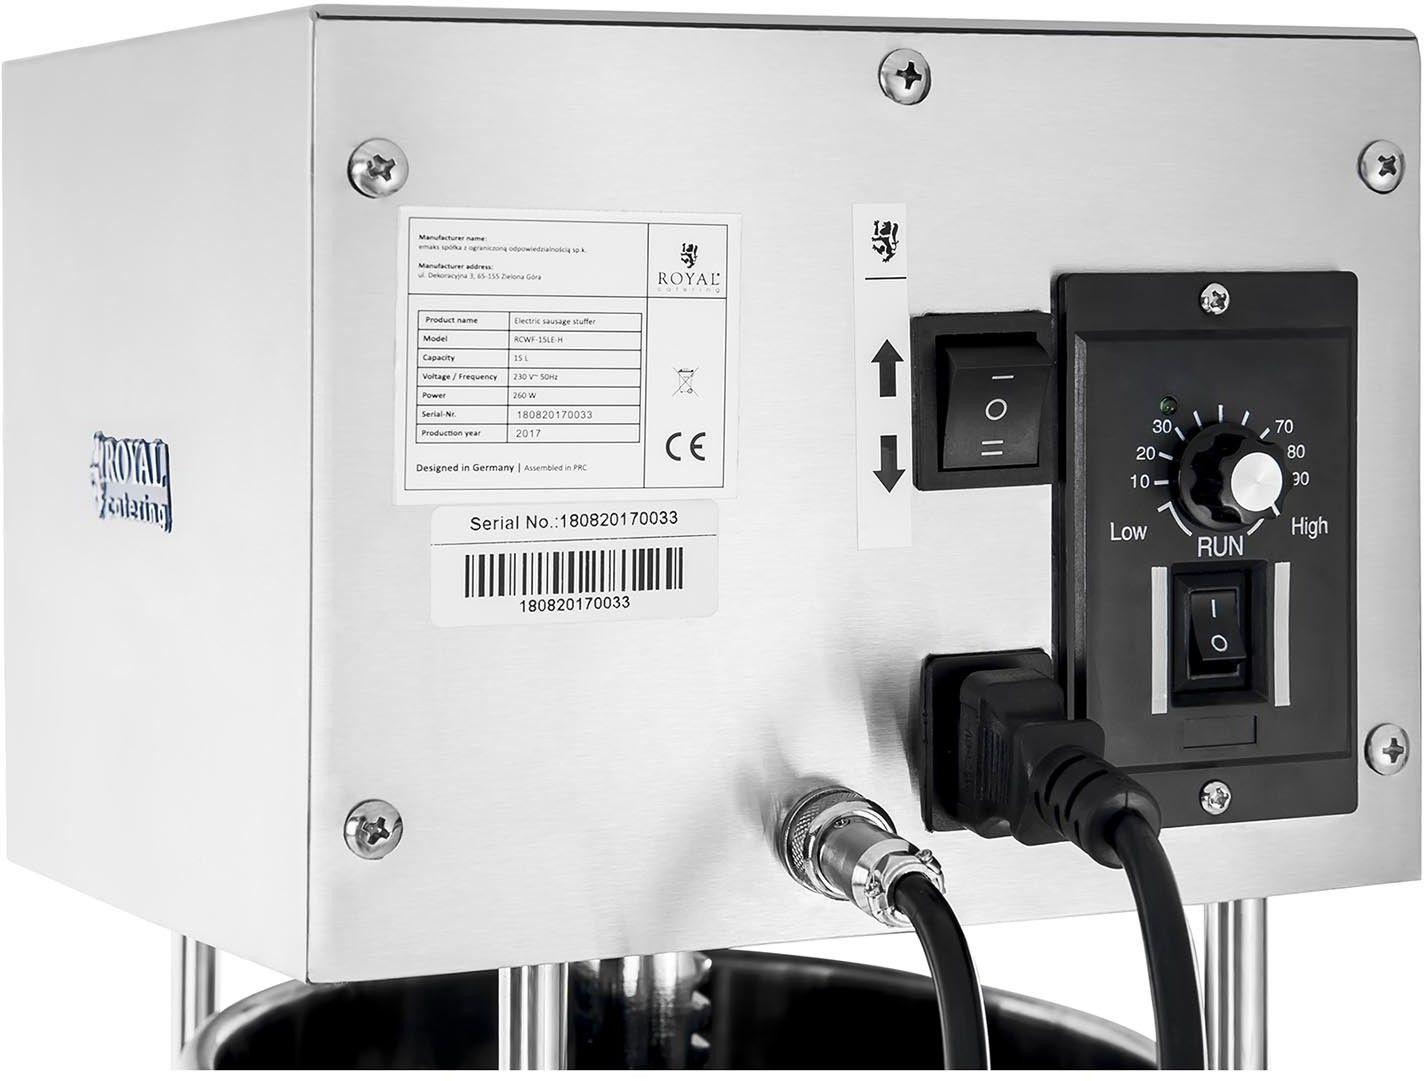 Nadziewarka do kiełbas - 15 litrów - elektryczna - Royal Catering - RCWF-15LE-H - 3 lata gwarancji/wysyłka w 24h